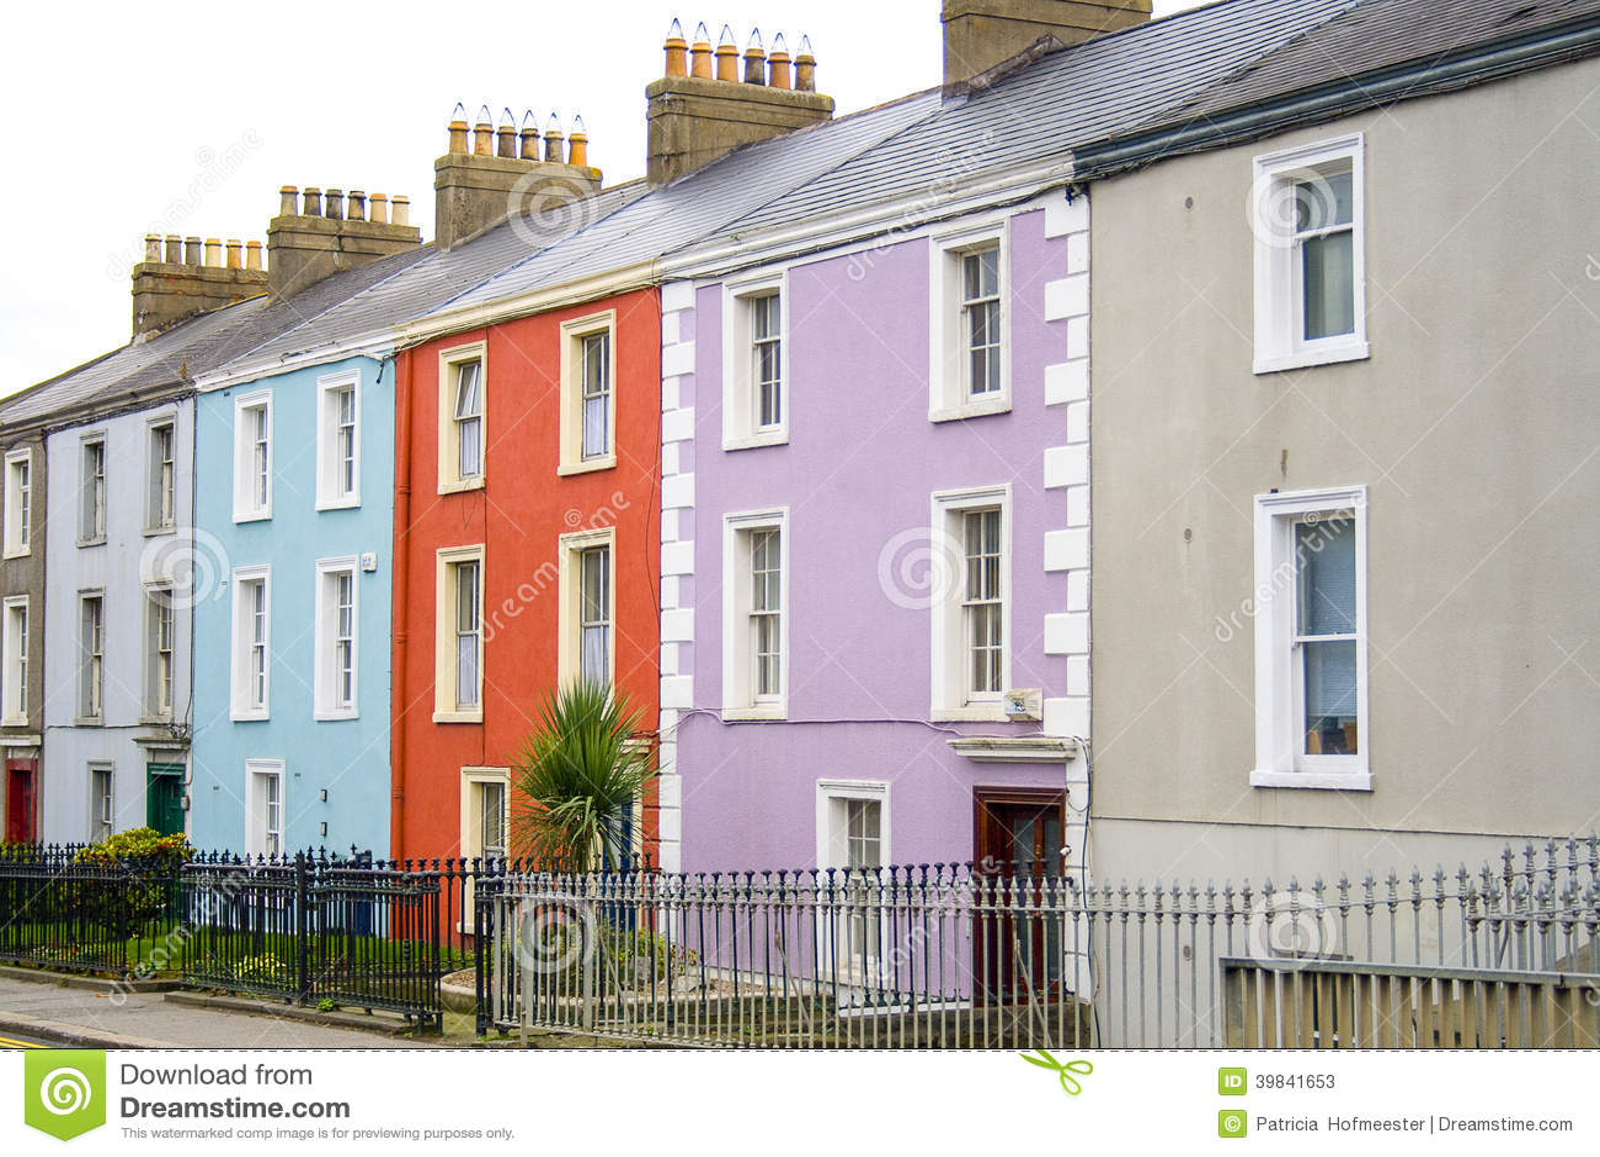 Ζωηρόχρωμα σπίτια με το α για να αφήσει το σημάδι